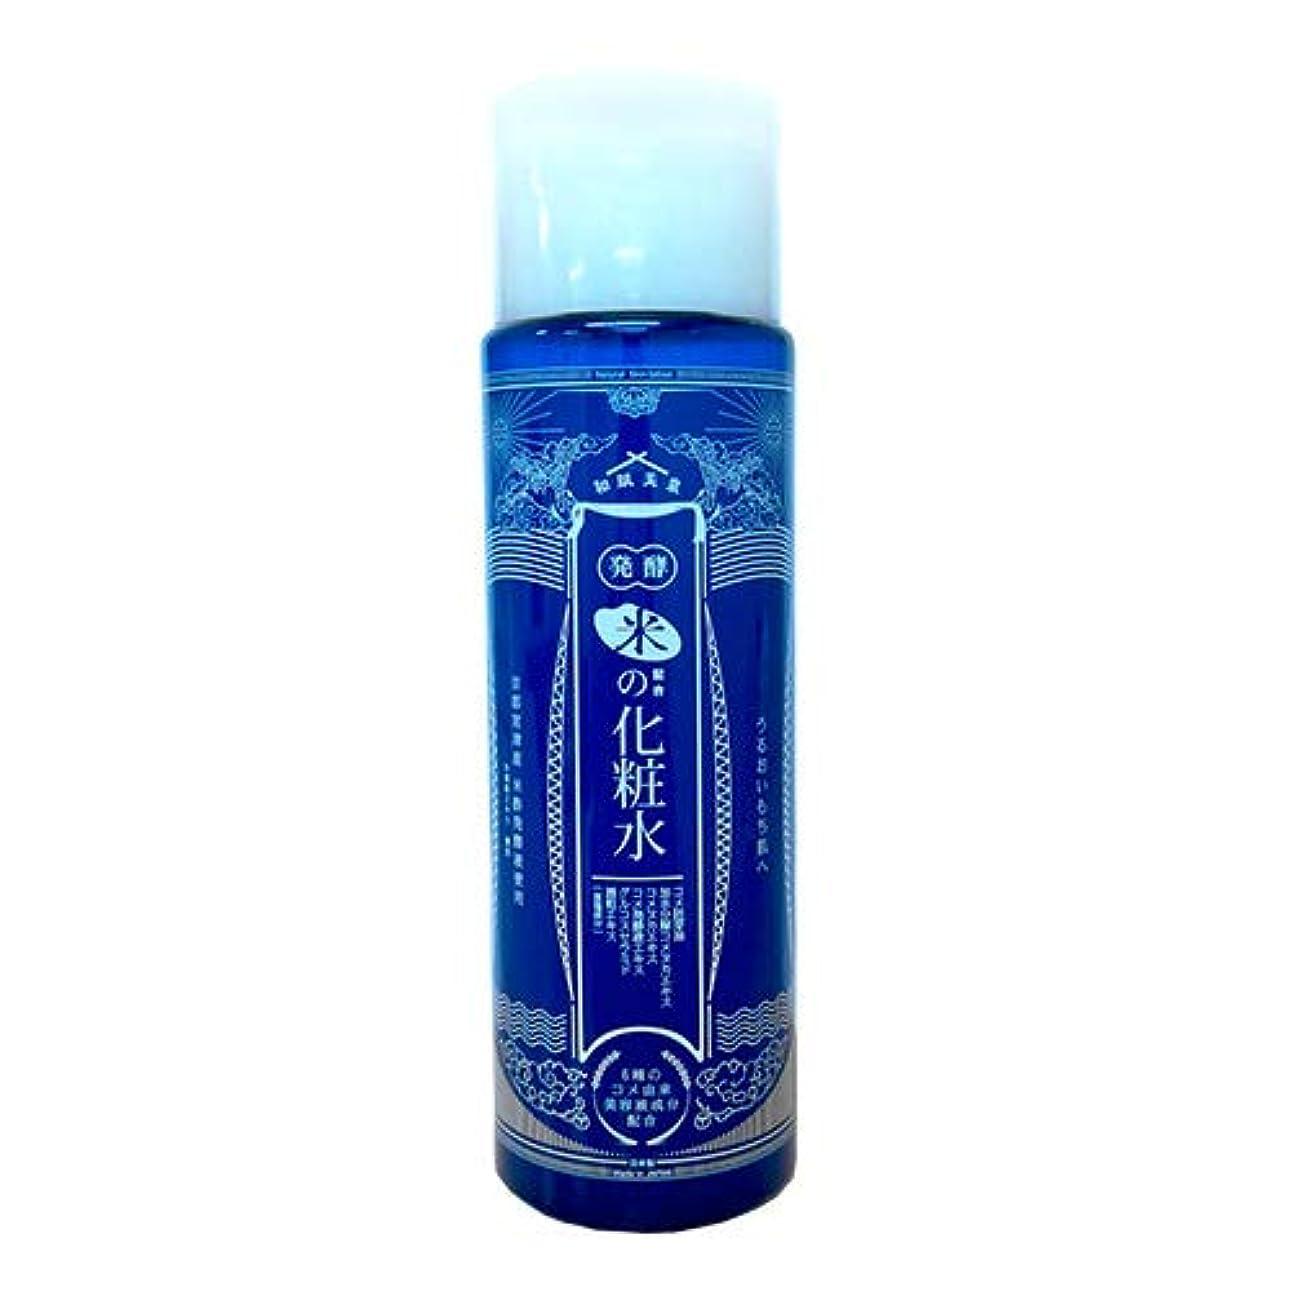 バンケット心理学メタルライン和肌美泉 発酵•米配合の化粧水 180ml